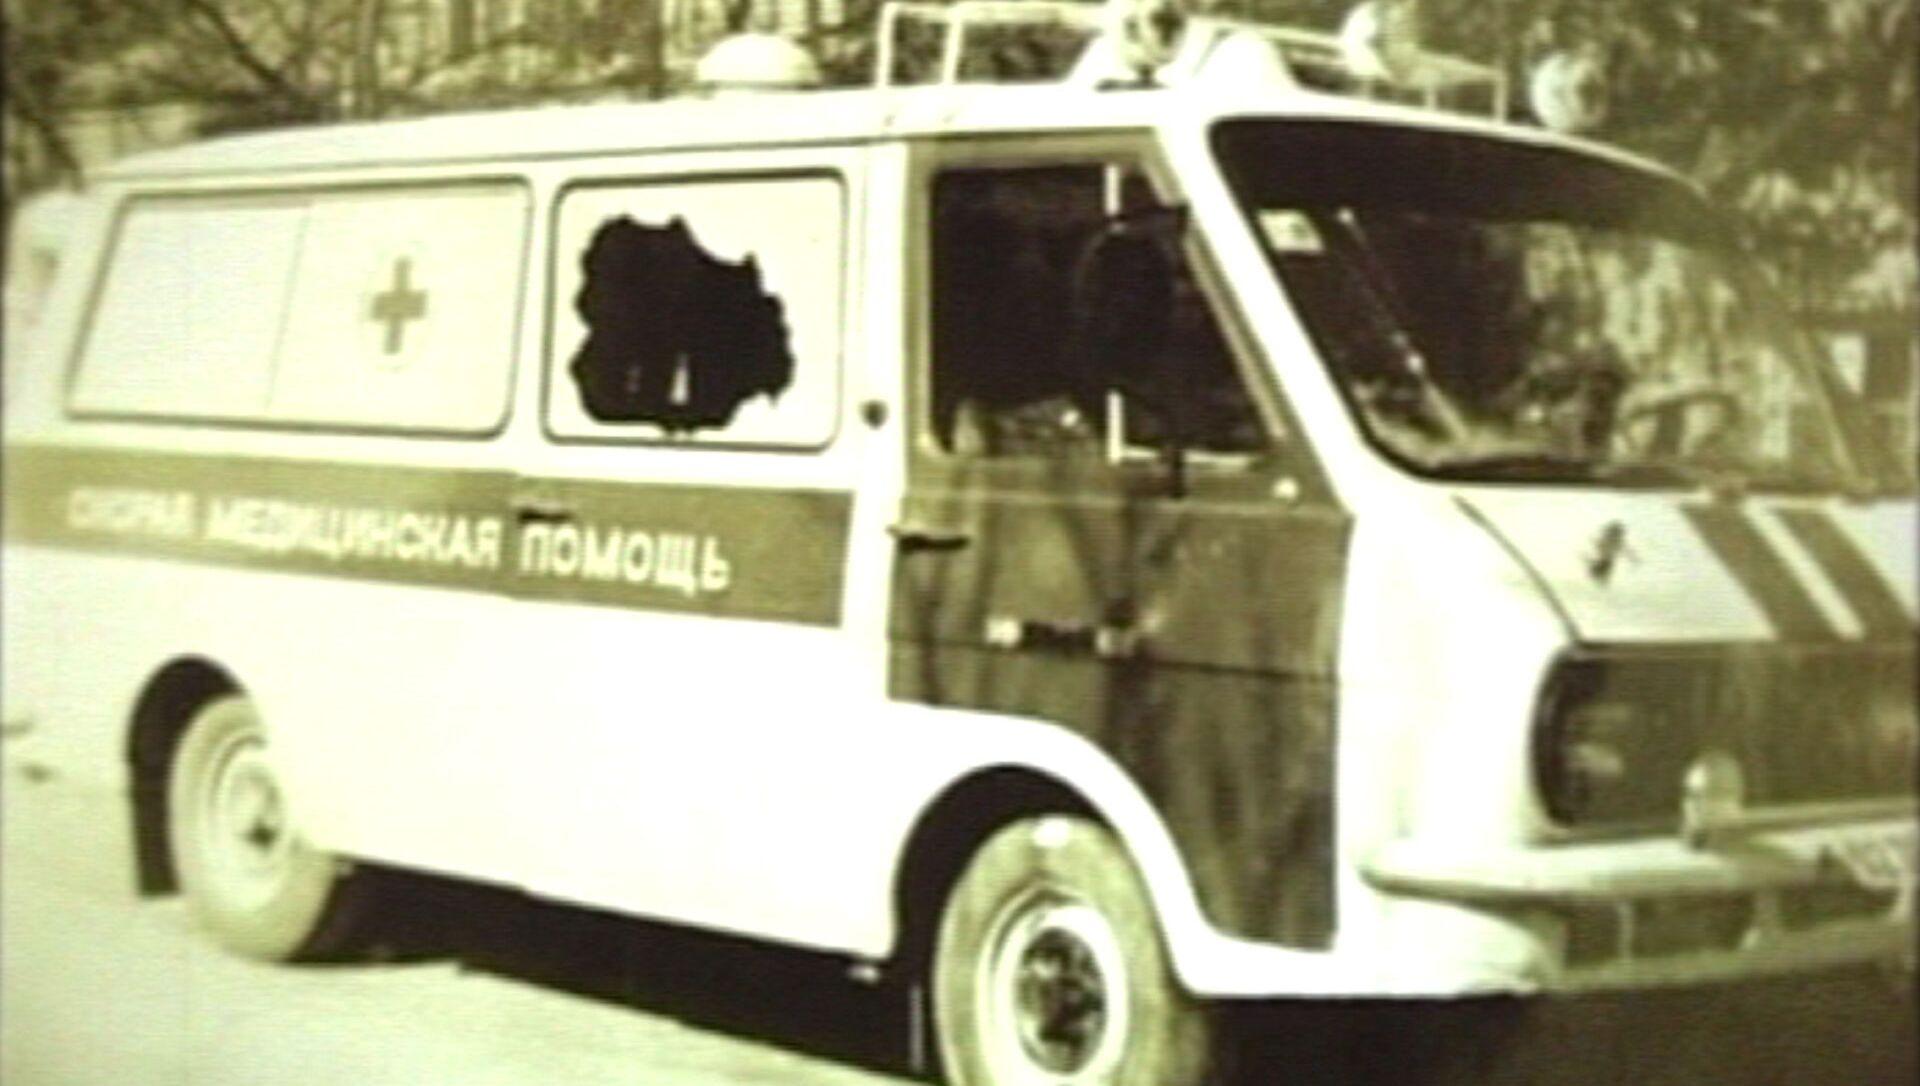 Расстрелянная машина скорой помощи в Цхинвале. Архивное фото - Sputnik Южная Осетия, 1920, 09.06.2021